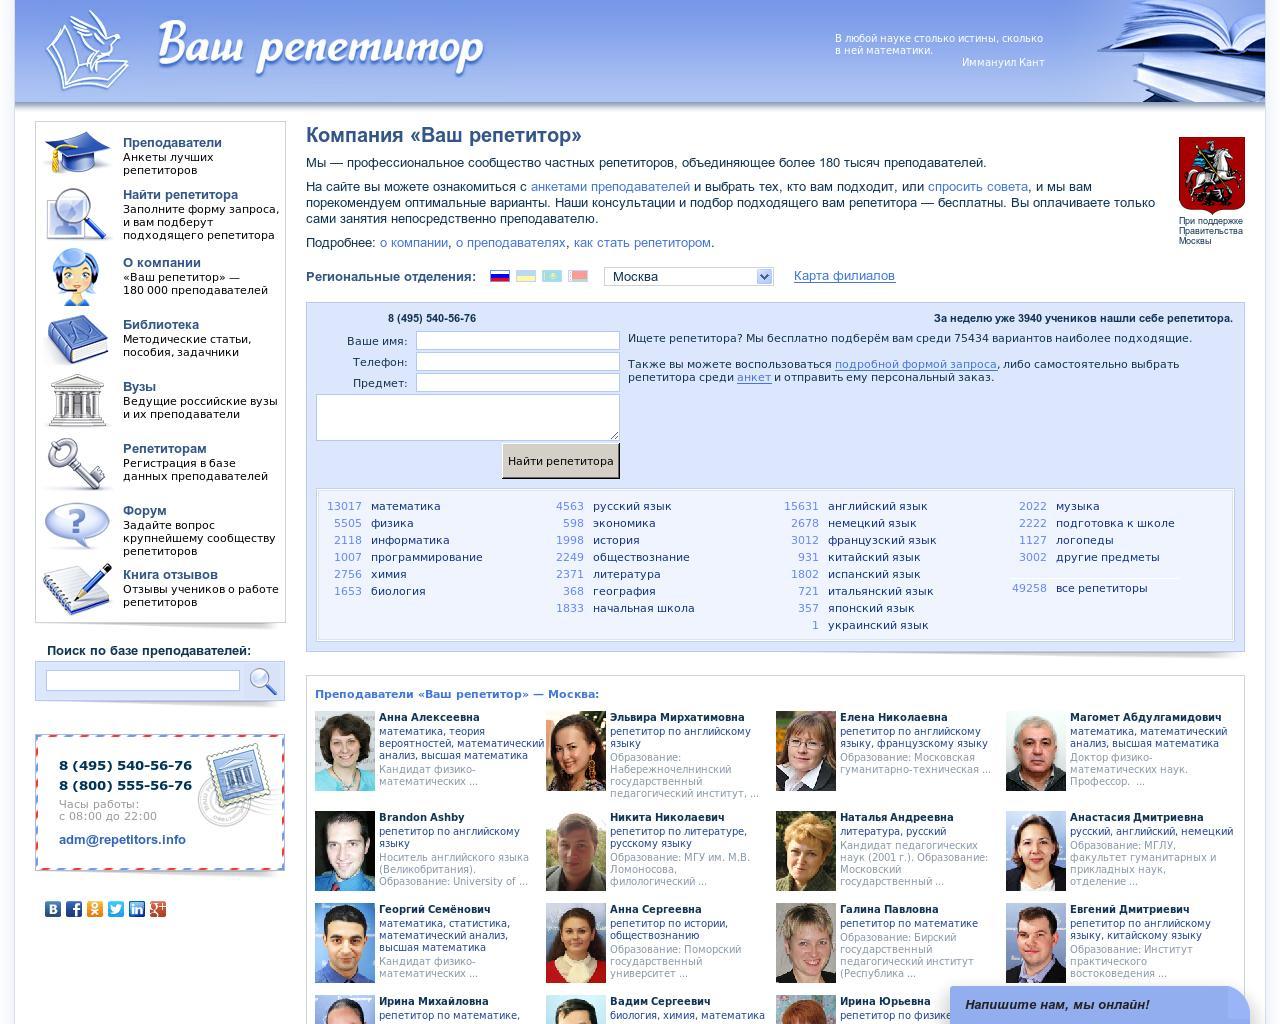 лучшие сайты репетиторов москвы Балашихе